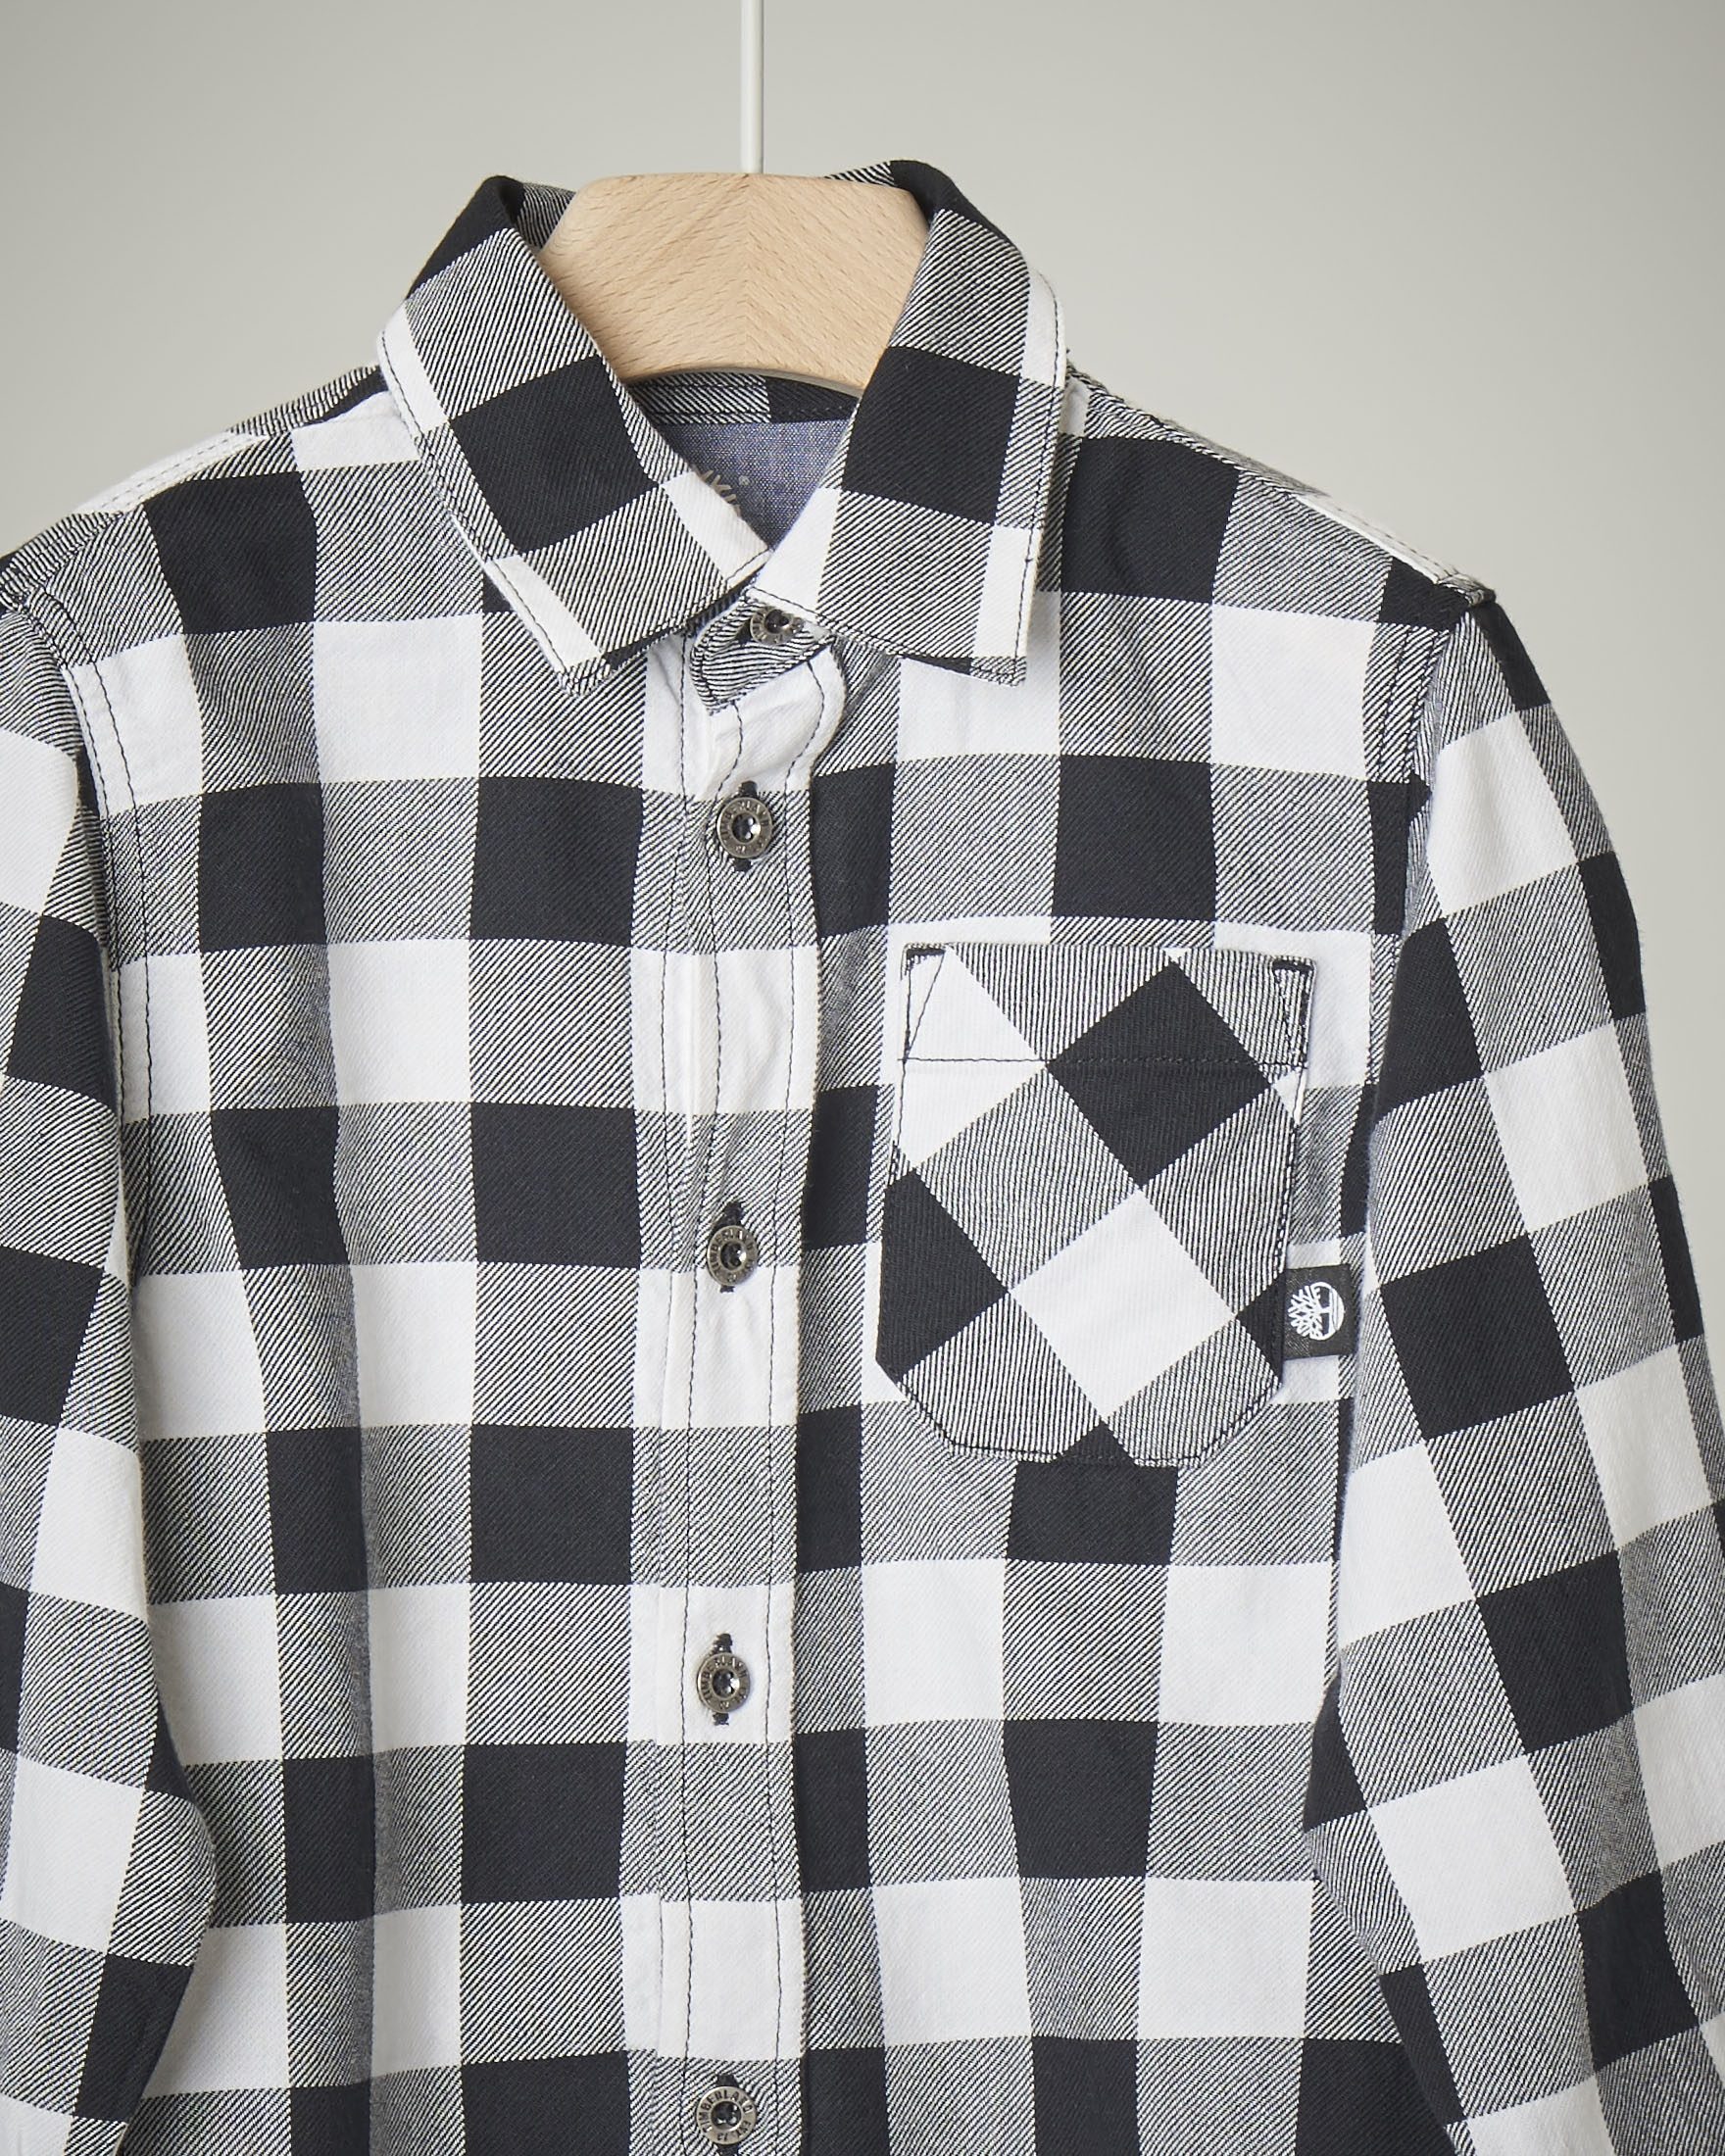 Camicia a quadri bianchi e neri in cotone 2-4